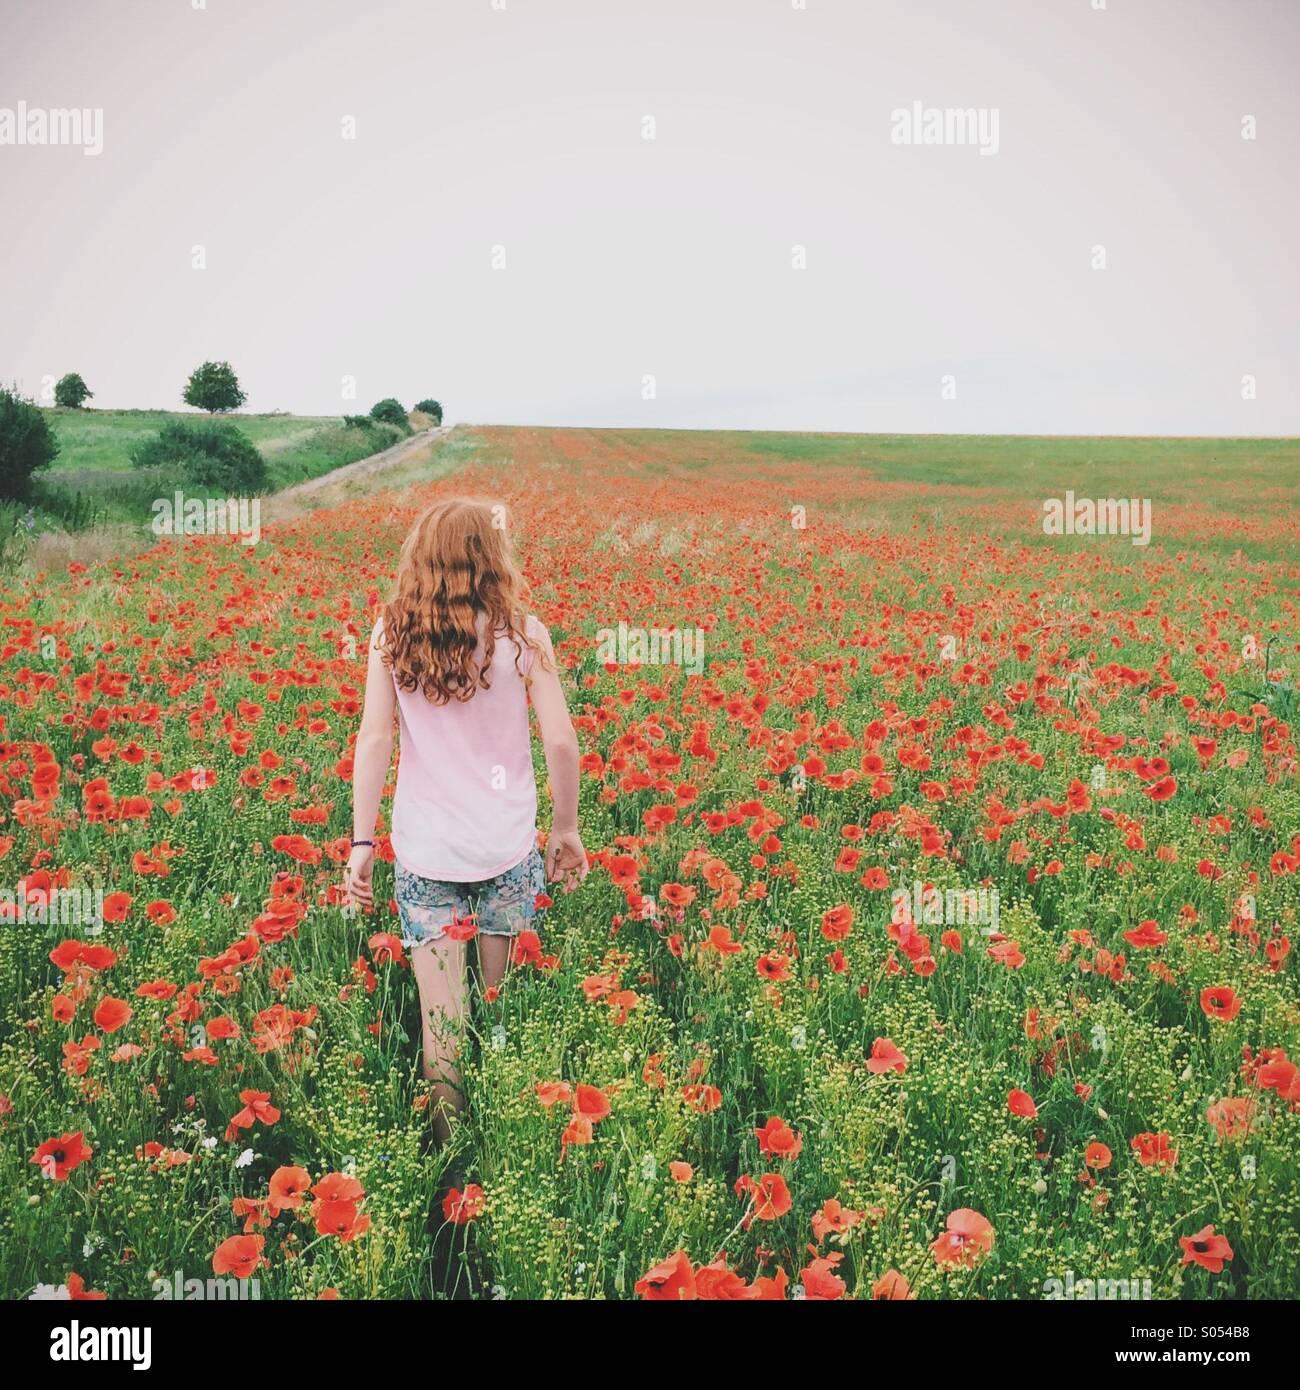 Jeune fille dans un champ de coquelicots Photo Stock